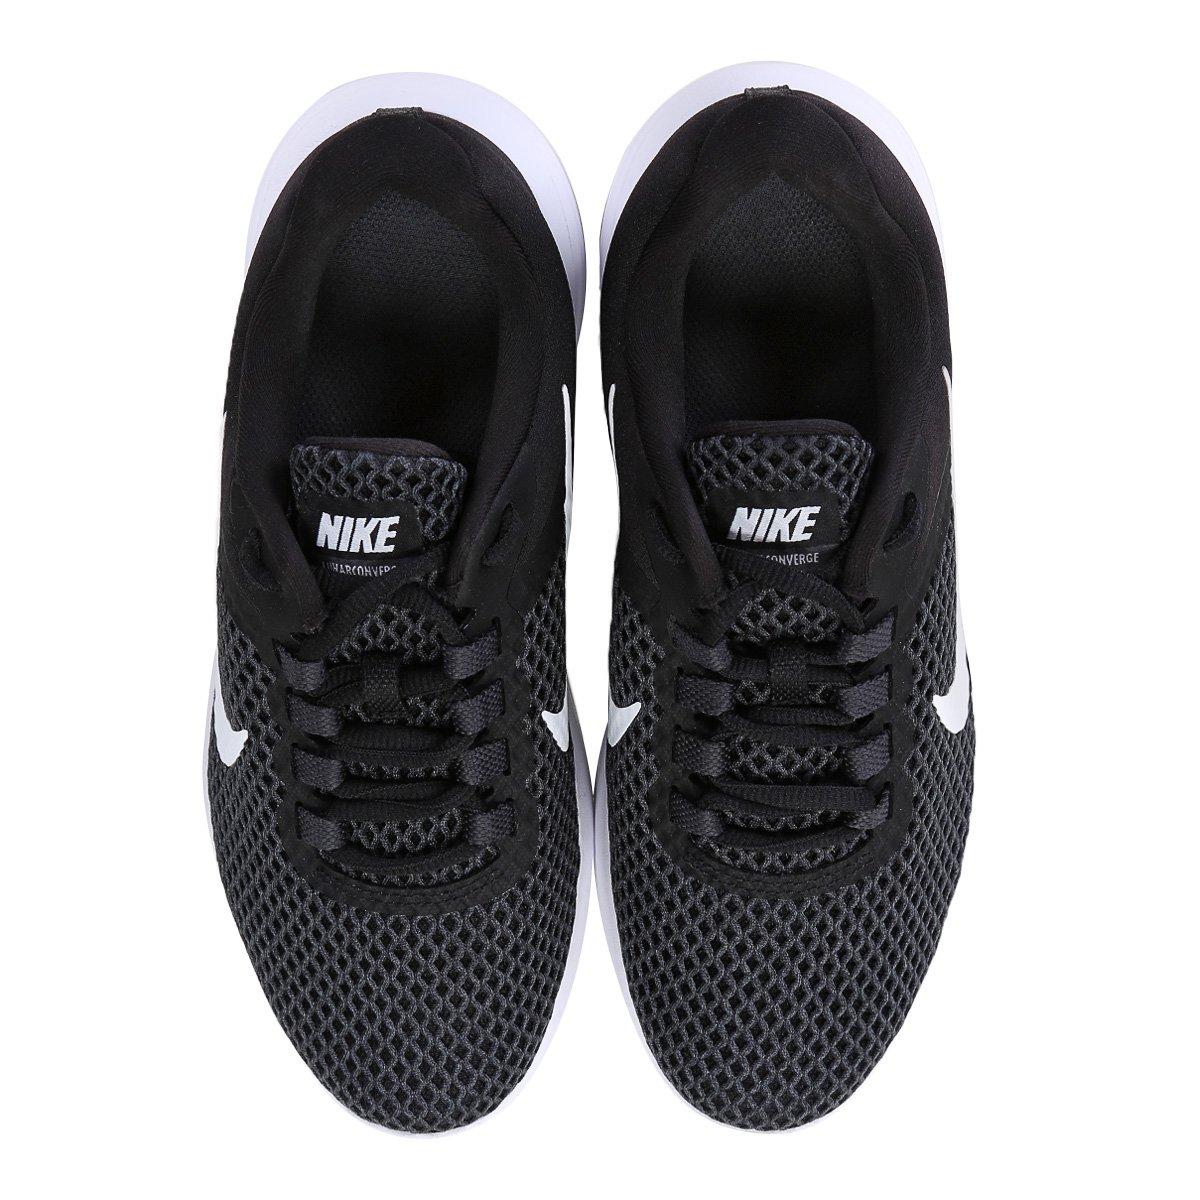 Tênis Nike Lunarconverge 2 Feminino  Tênis Nike Lunarconverge 2 Feminino ... ca653658a2e01